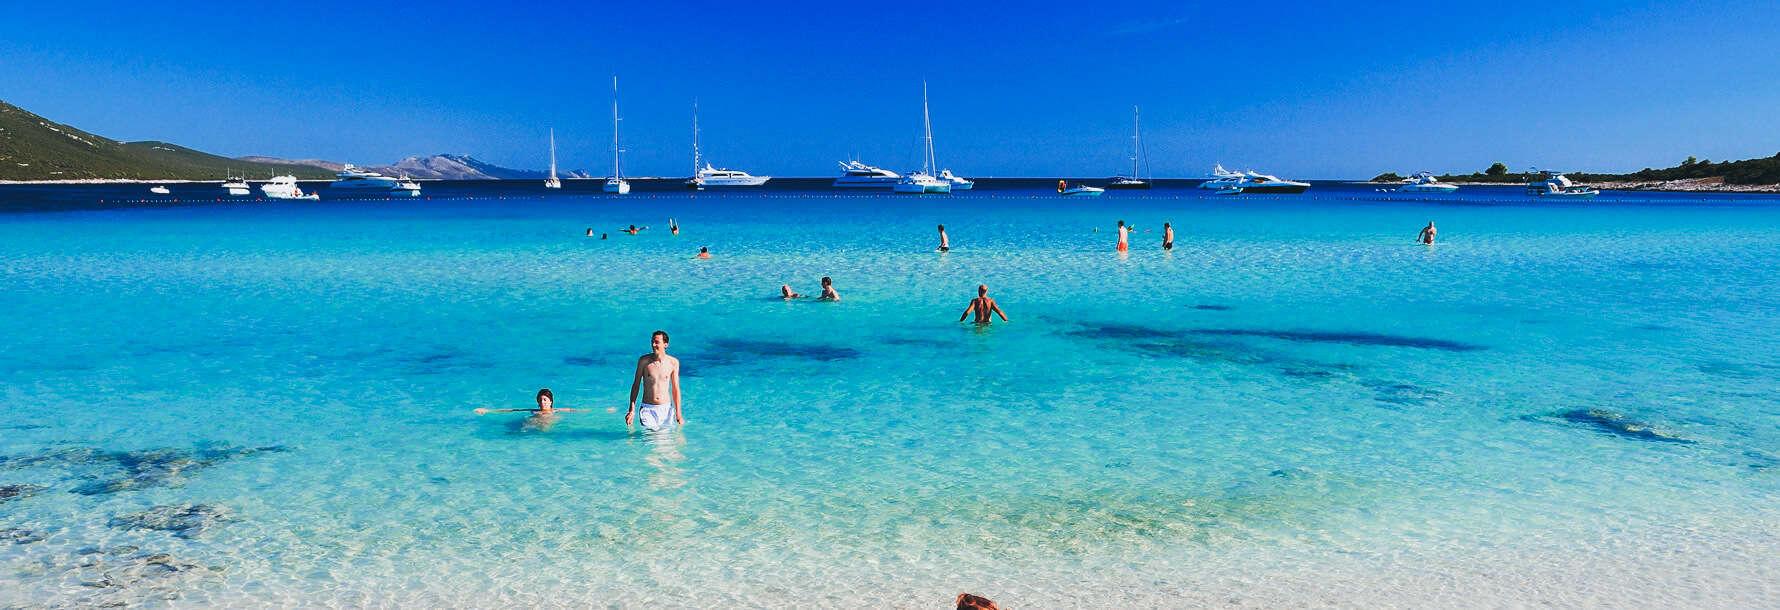 mejores playas de croacia sakarun